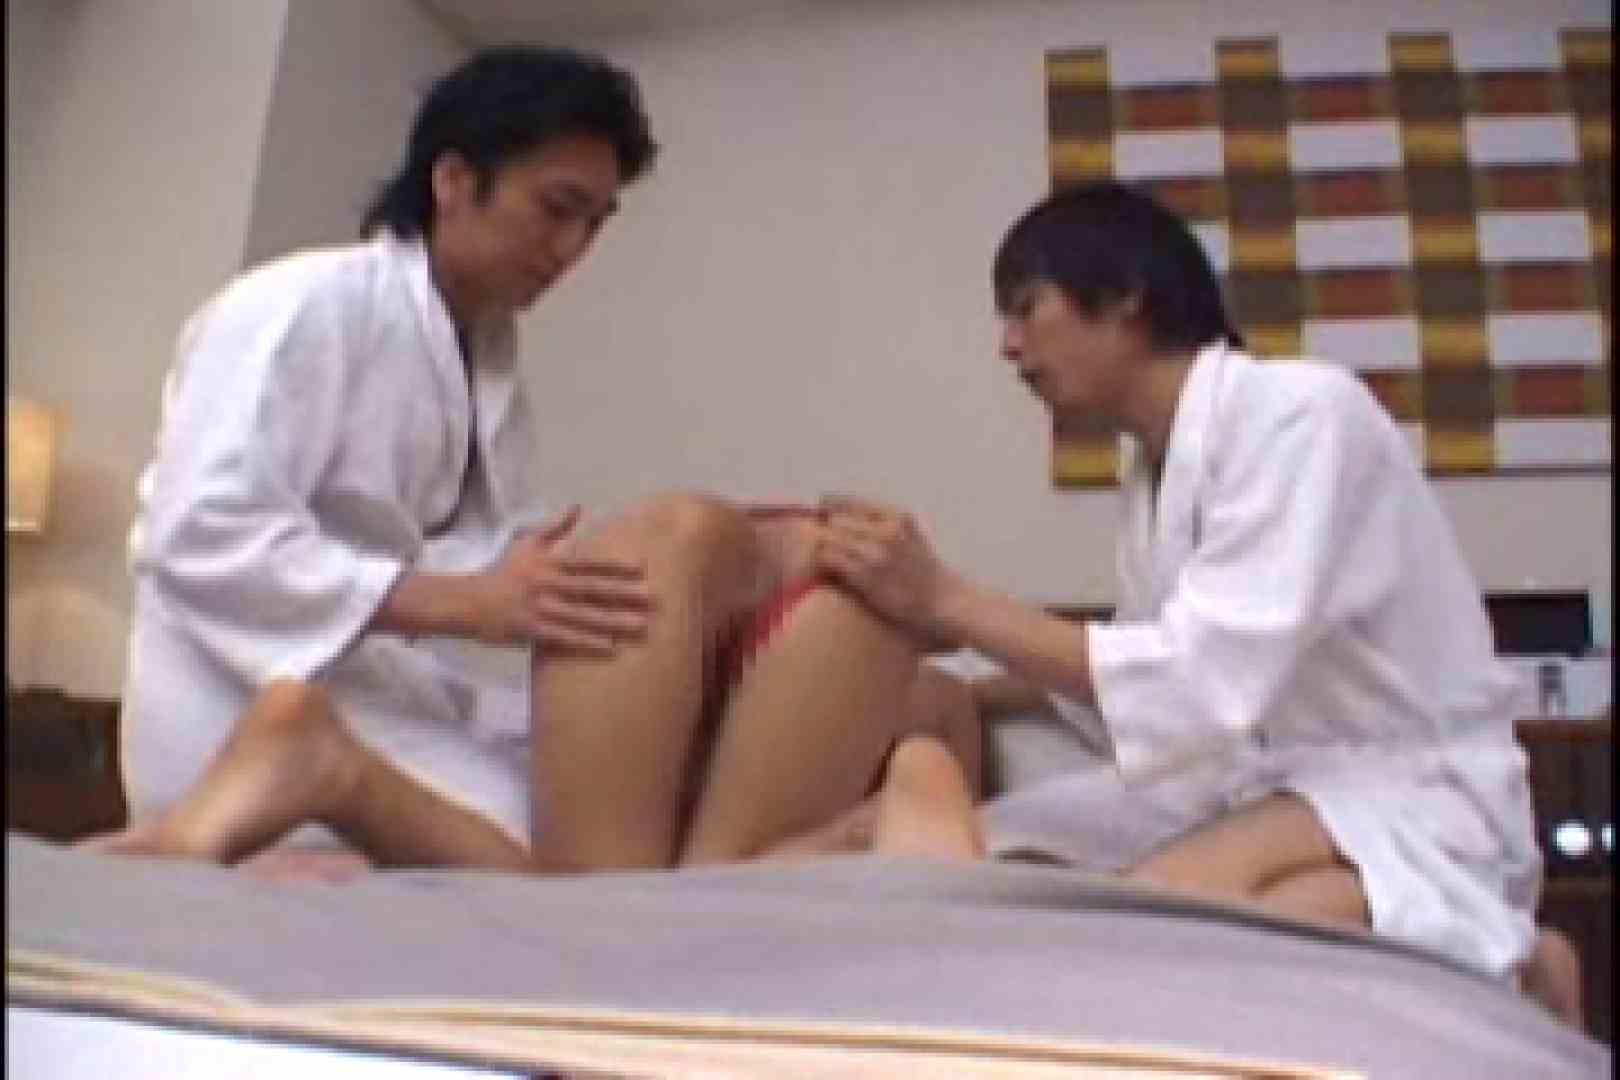 BEST OF イケメン!!男目線のガチSEX vol.04(対女性作品) 男  100pic 91